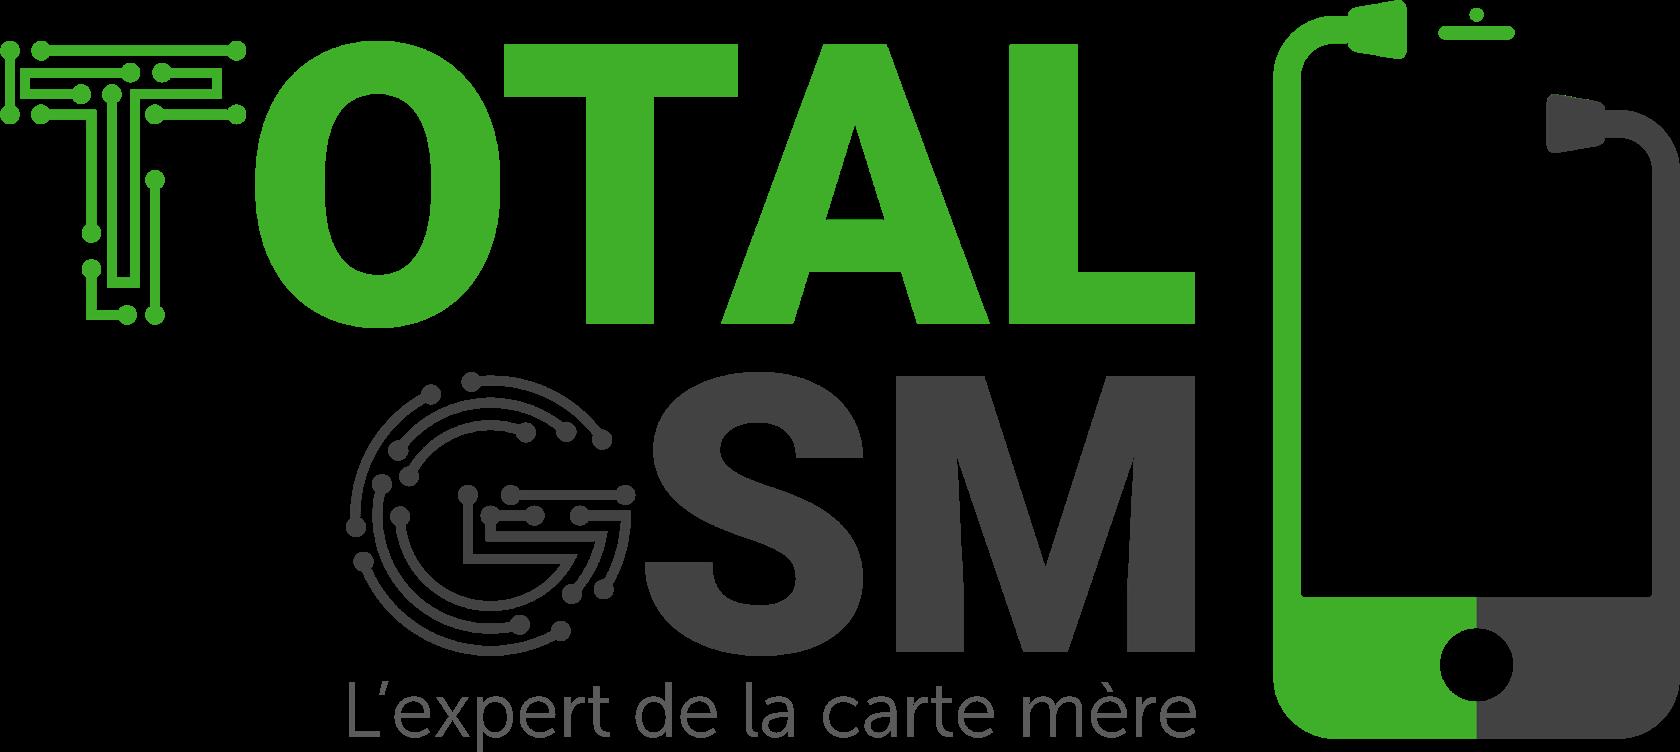 N°1 en réparation de carte mère Logo